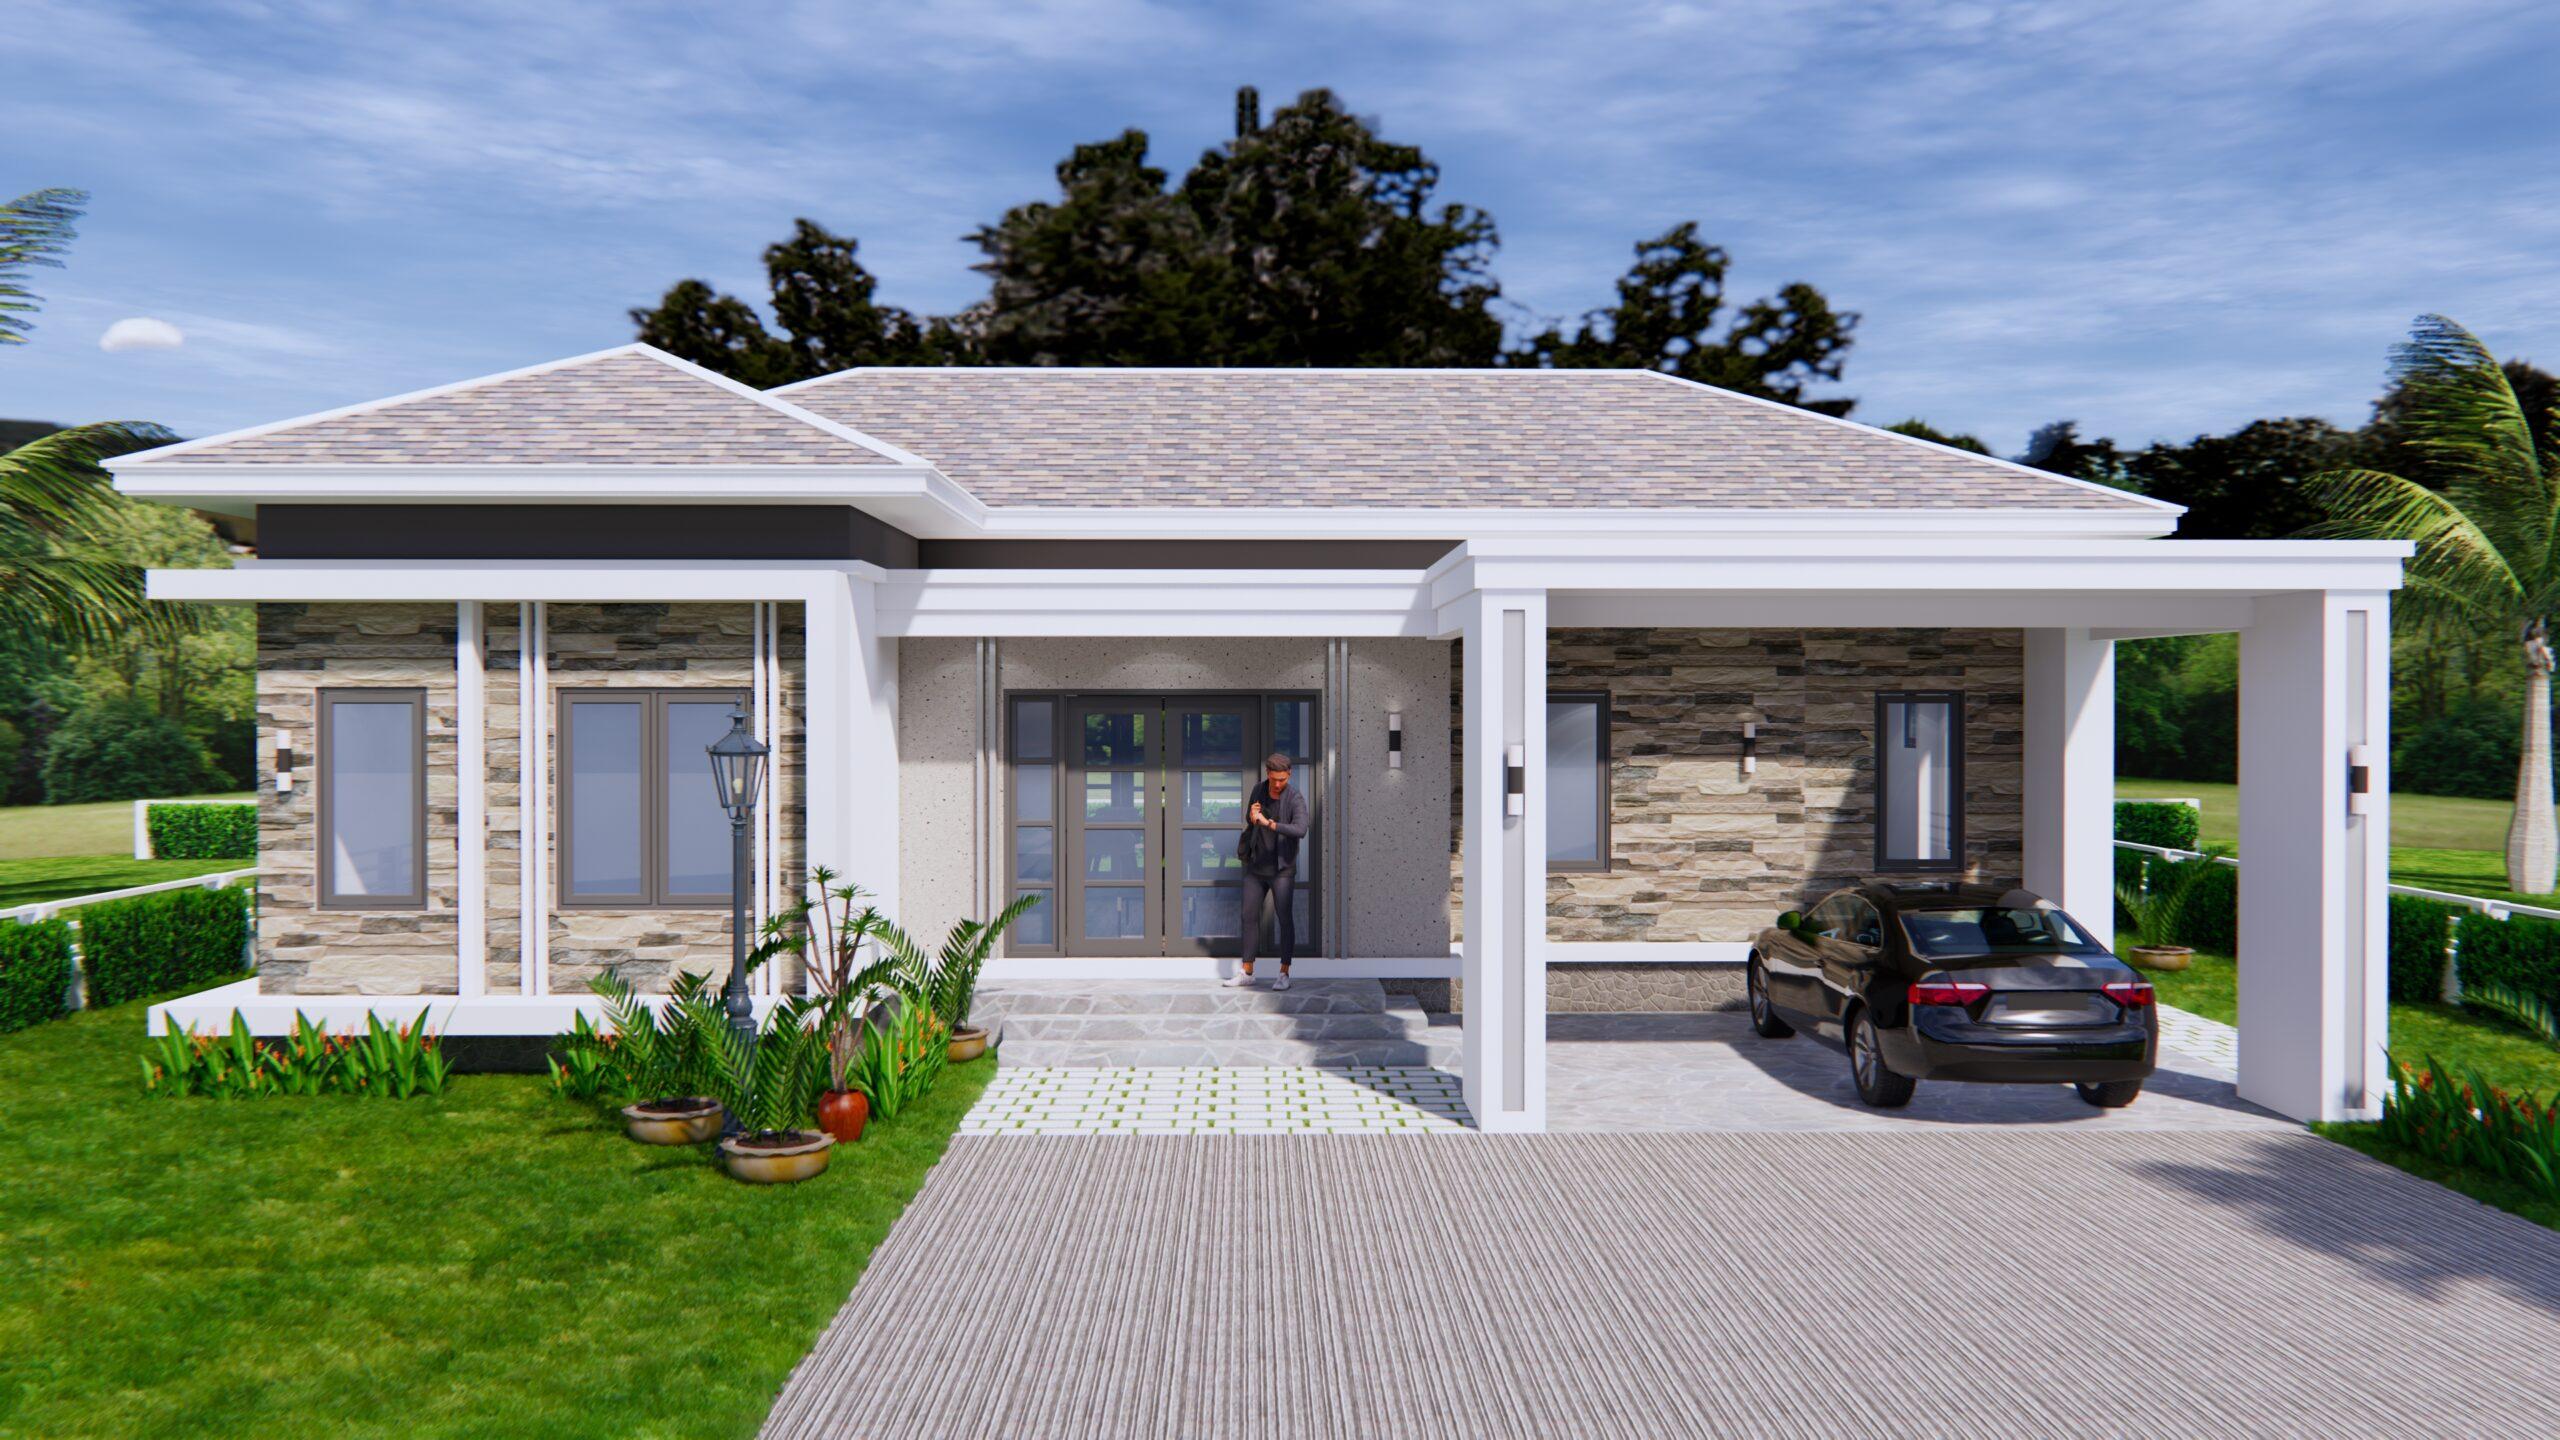 House Plans 14x11 Meter 46x36 Feet 3 Beds 1-2